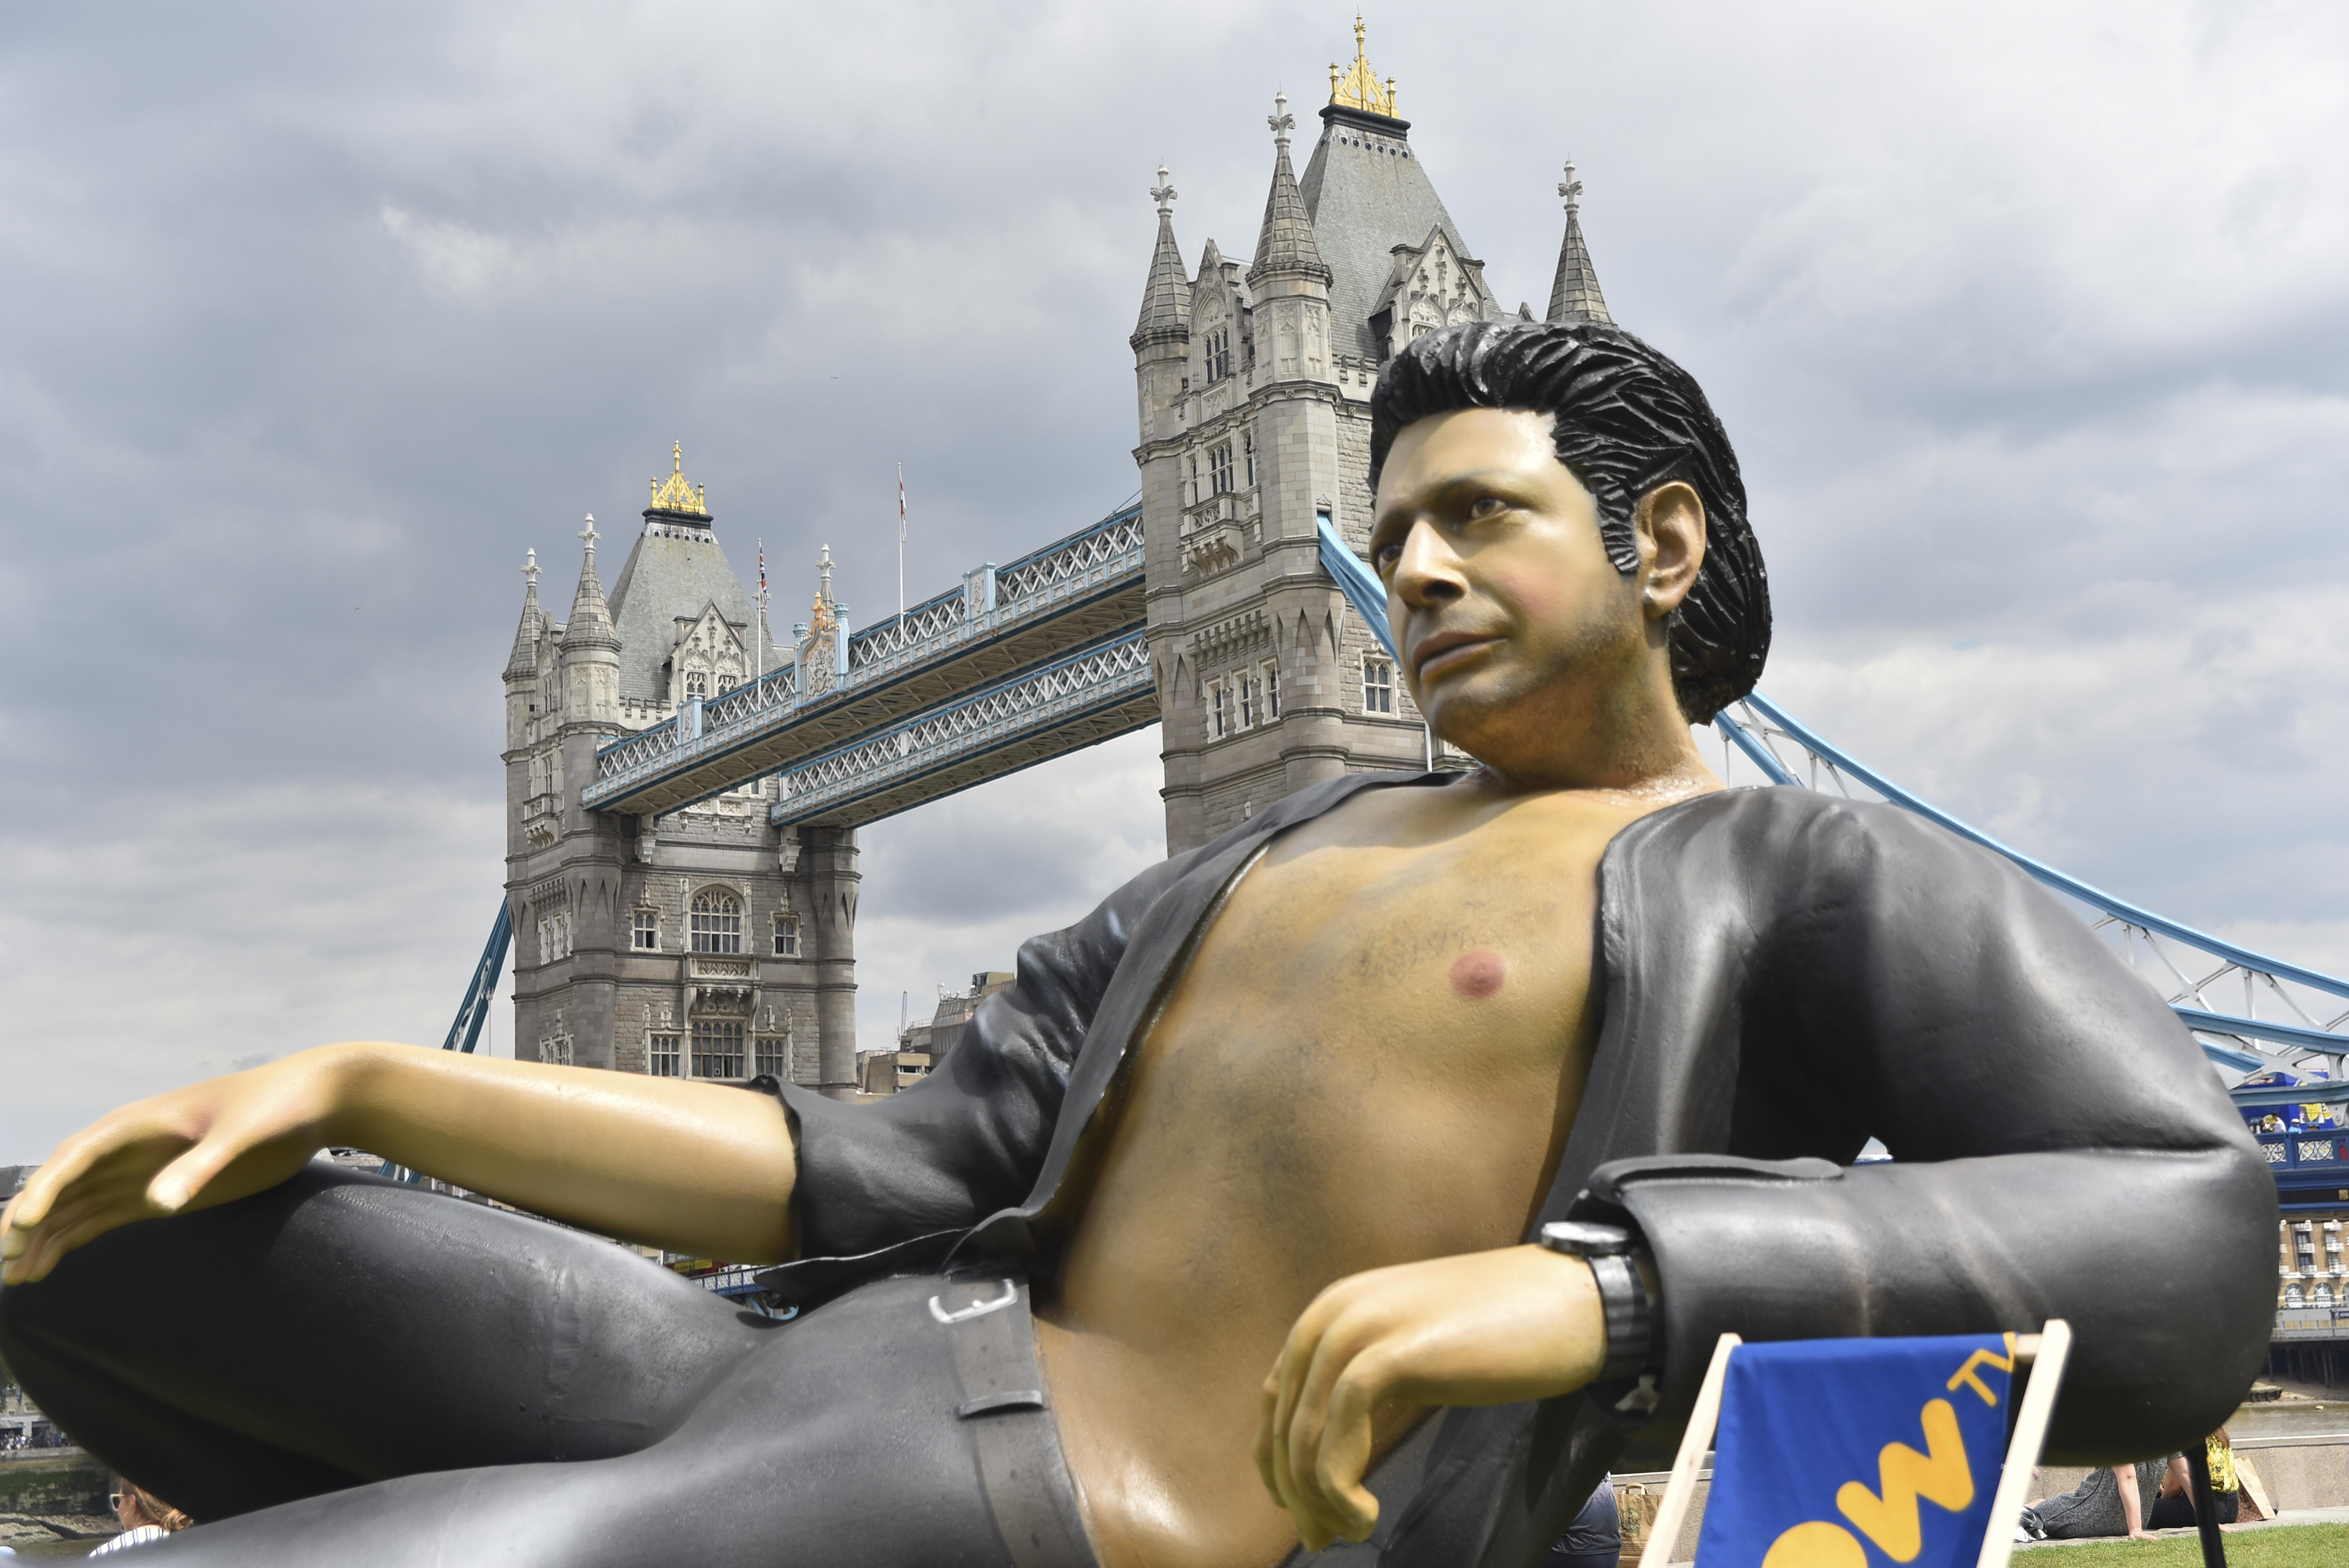 Akkora Jeff Goldblum-szobor készült, ami még egy dinót is megriasztana